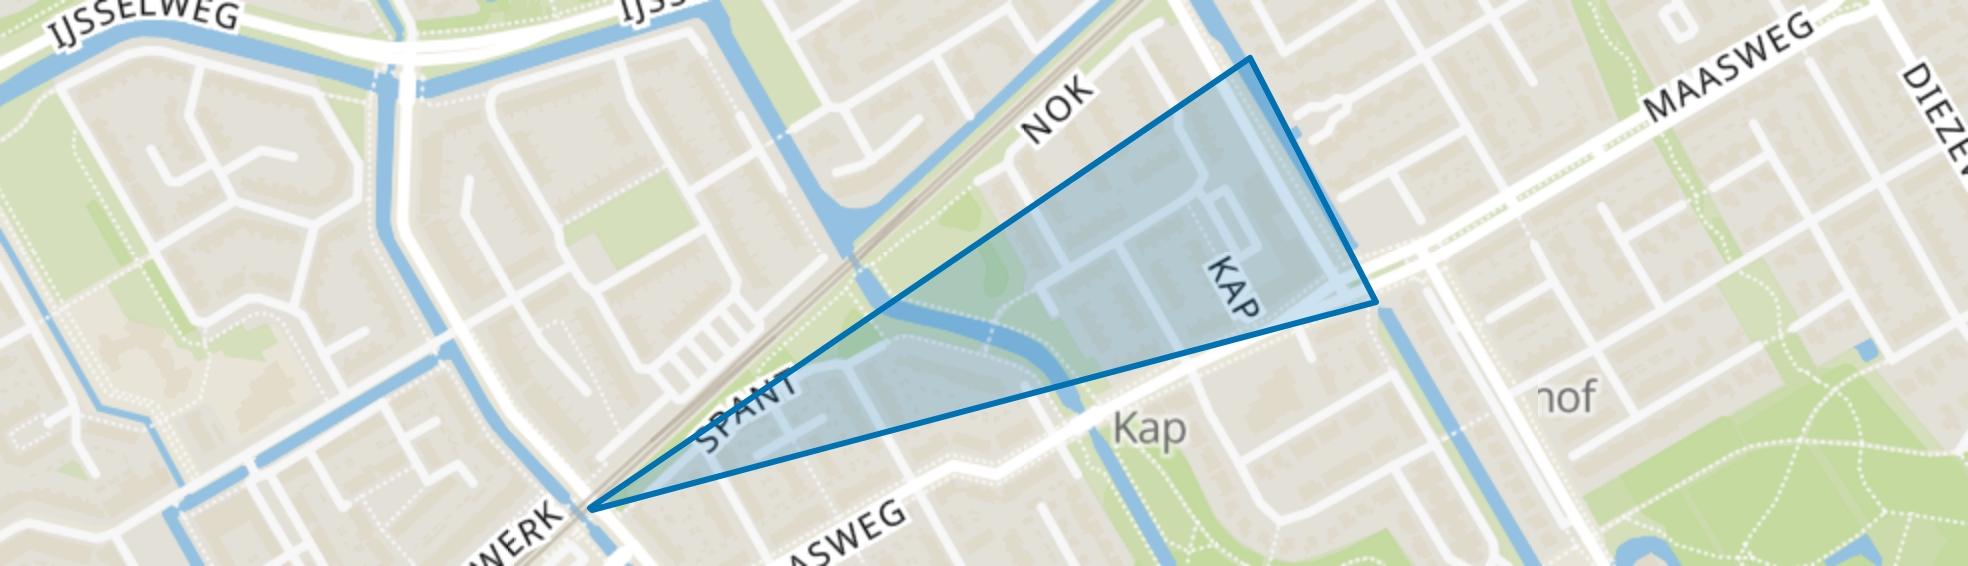 Kersenboogerd-Zuid - Buurt 33 02, Hoorn (NH) map